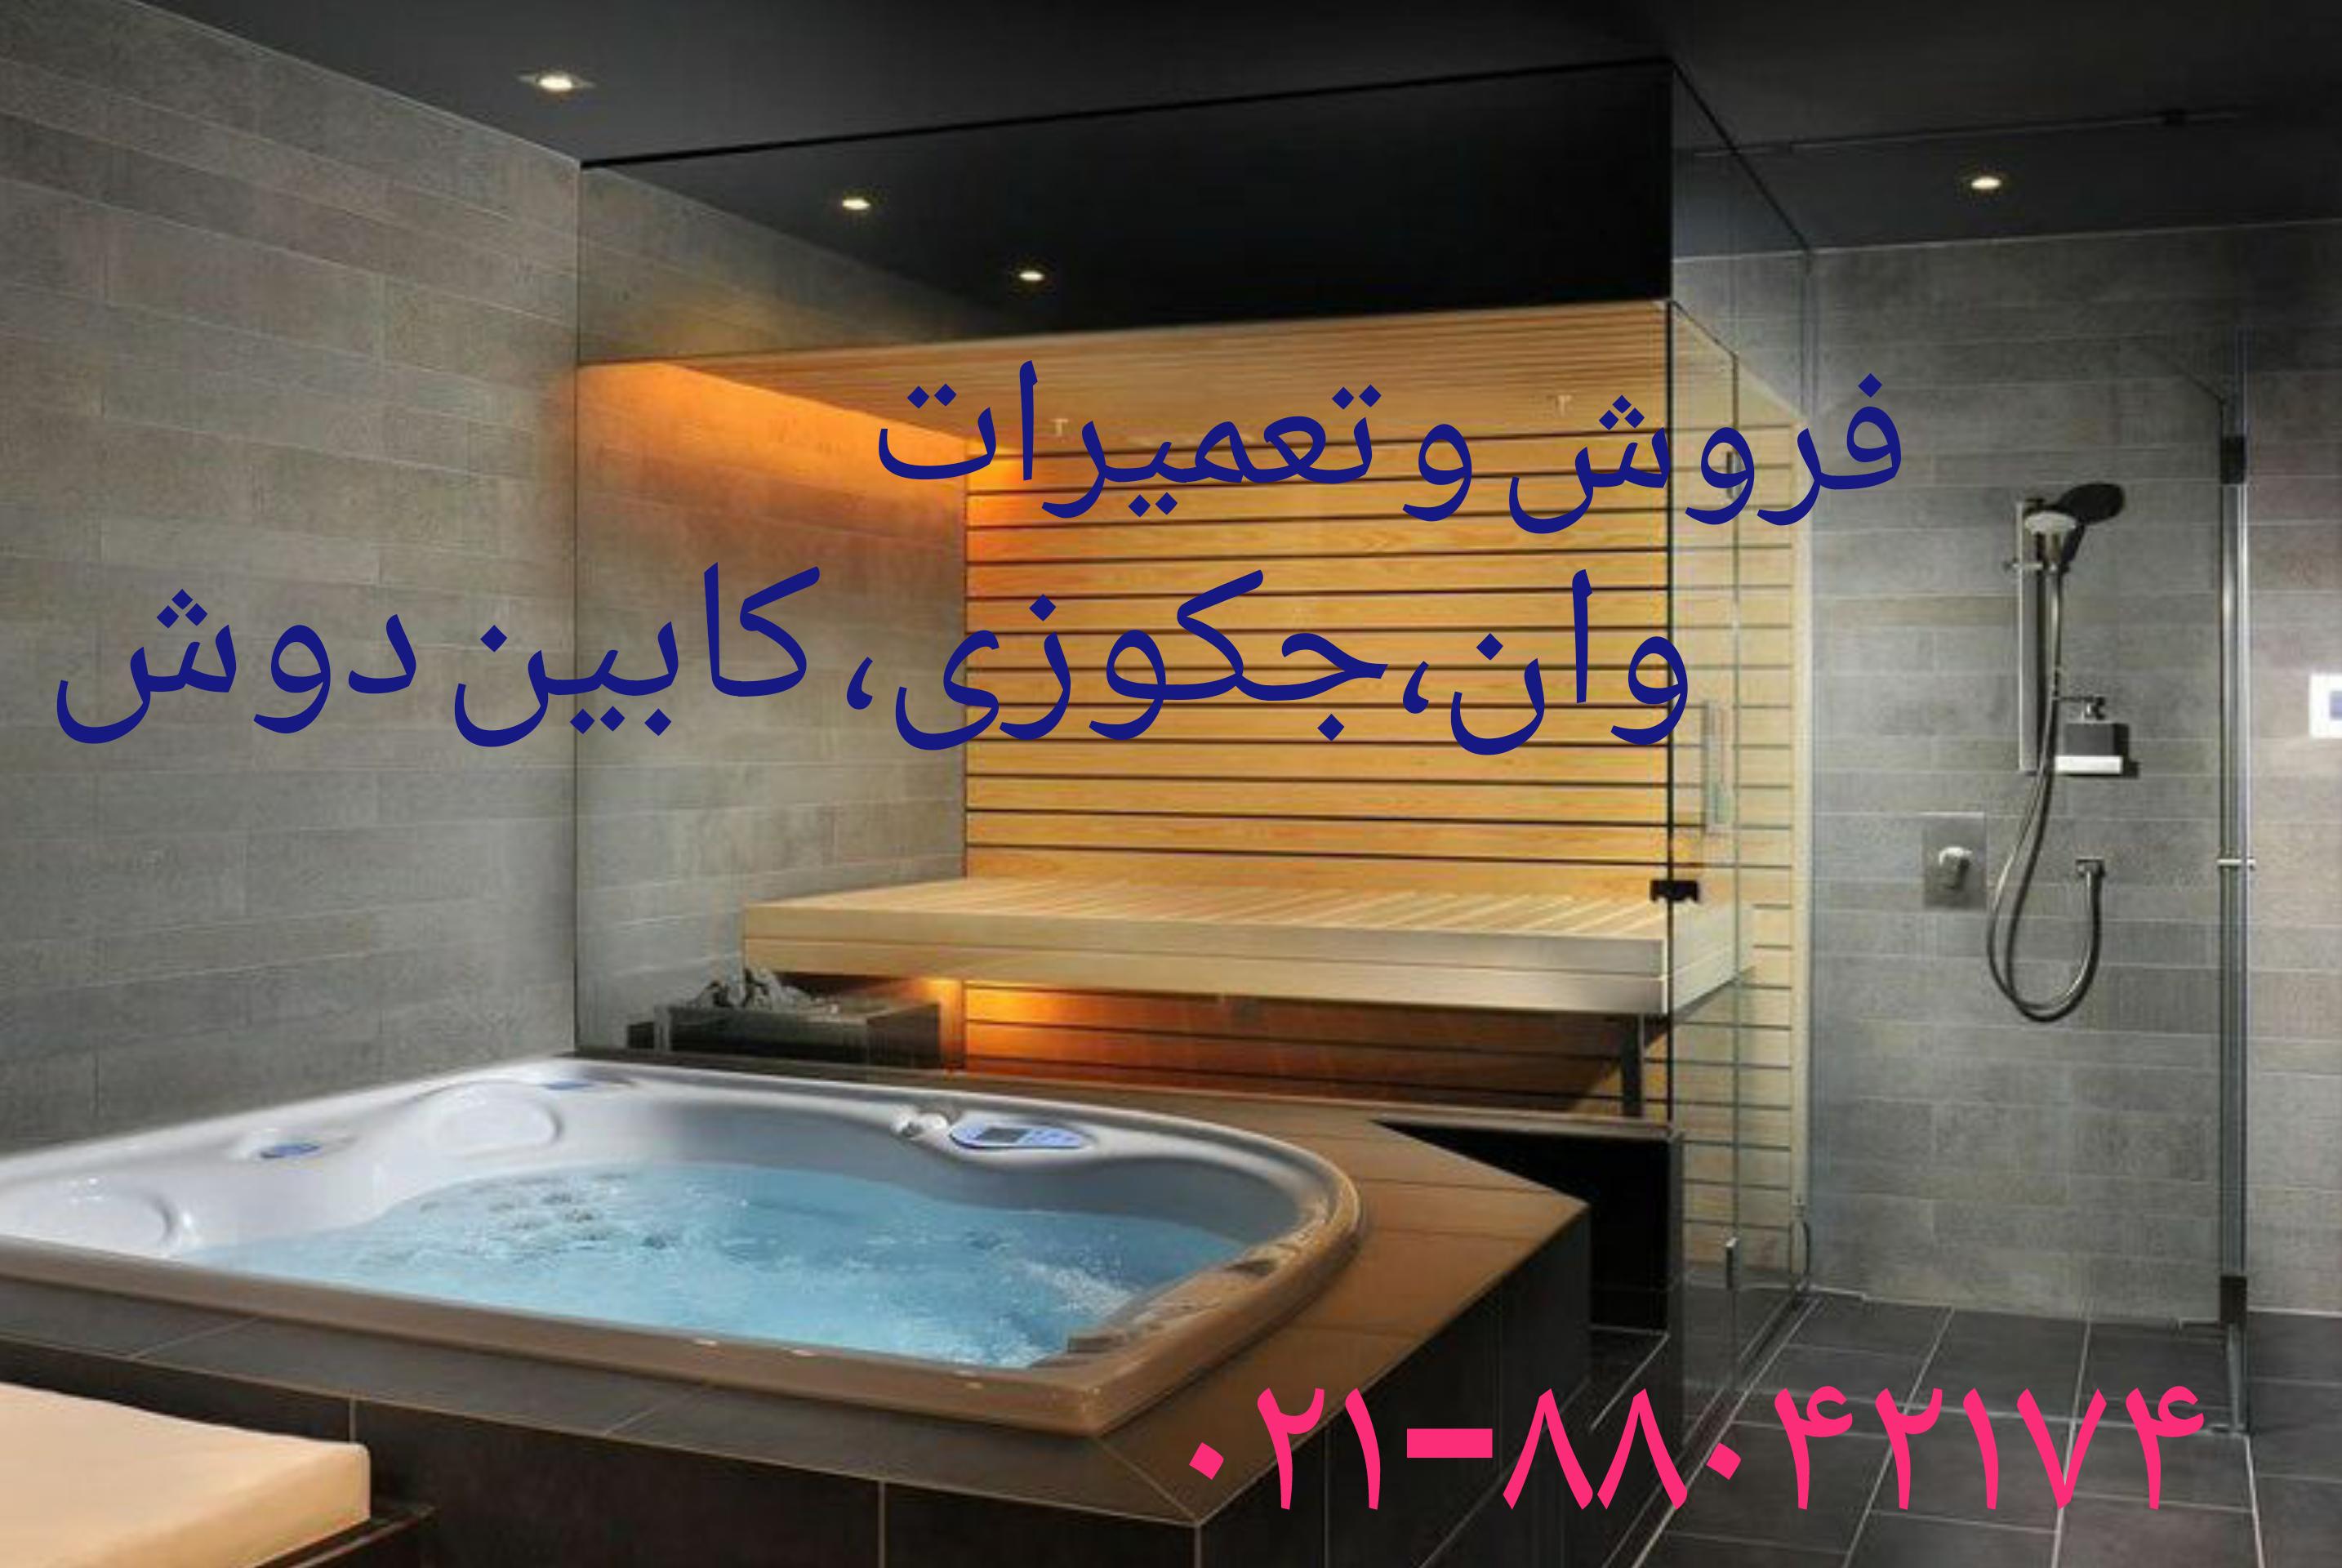 فروش وان_جکوزی_کابین دوش_اتاق دوش_سونا بخار